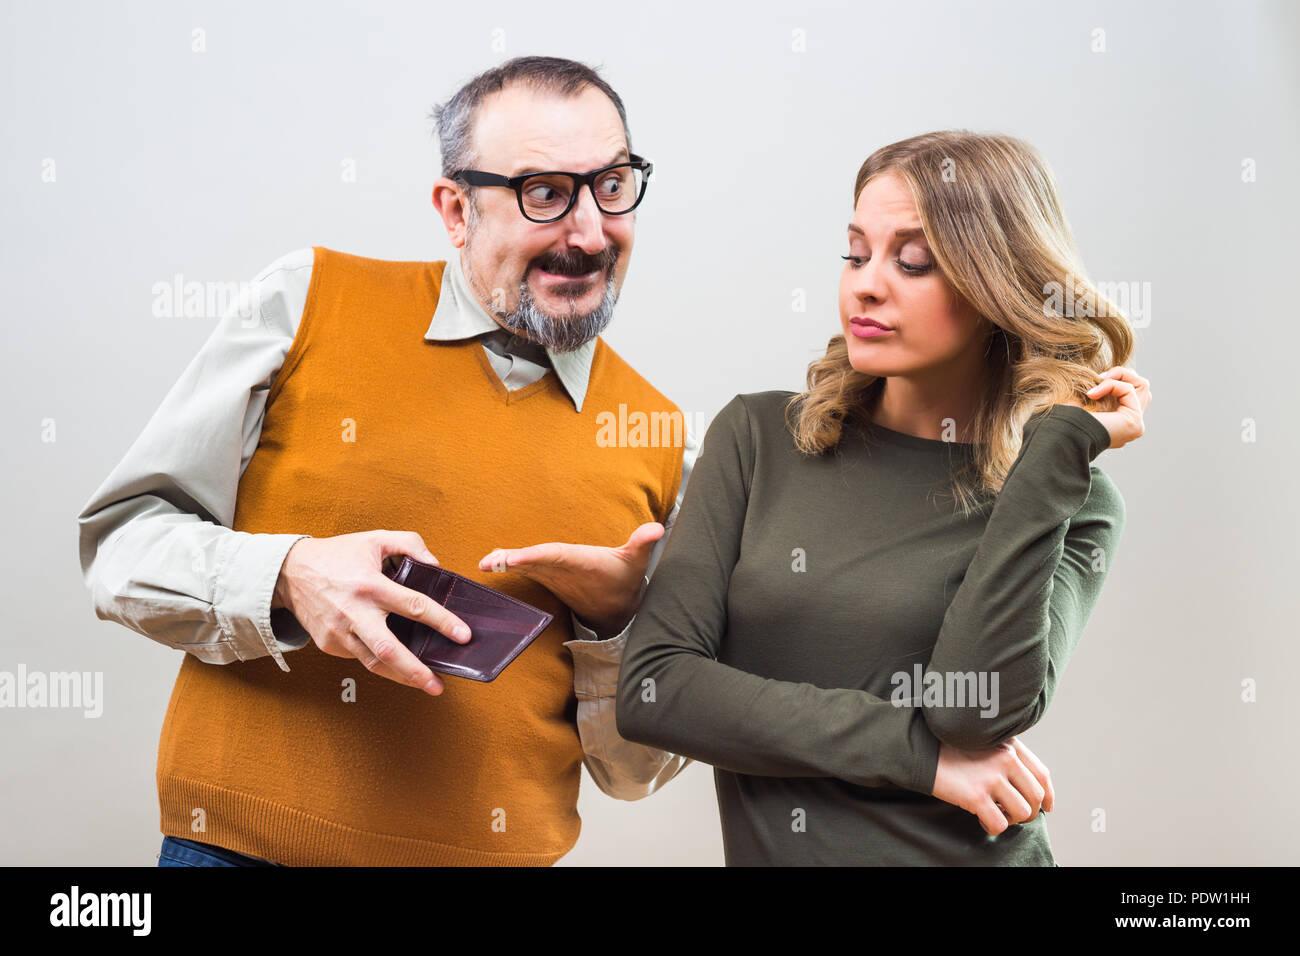 Da stupidi uomo sta cercando di ottenere attenzione da una bella donna mostrando il suo portafoglio pieno di soldi ma lei ancora non è interessato. Immagini Stock